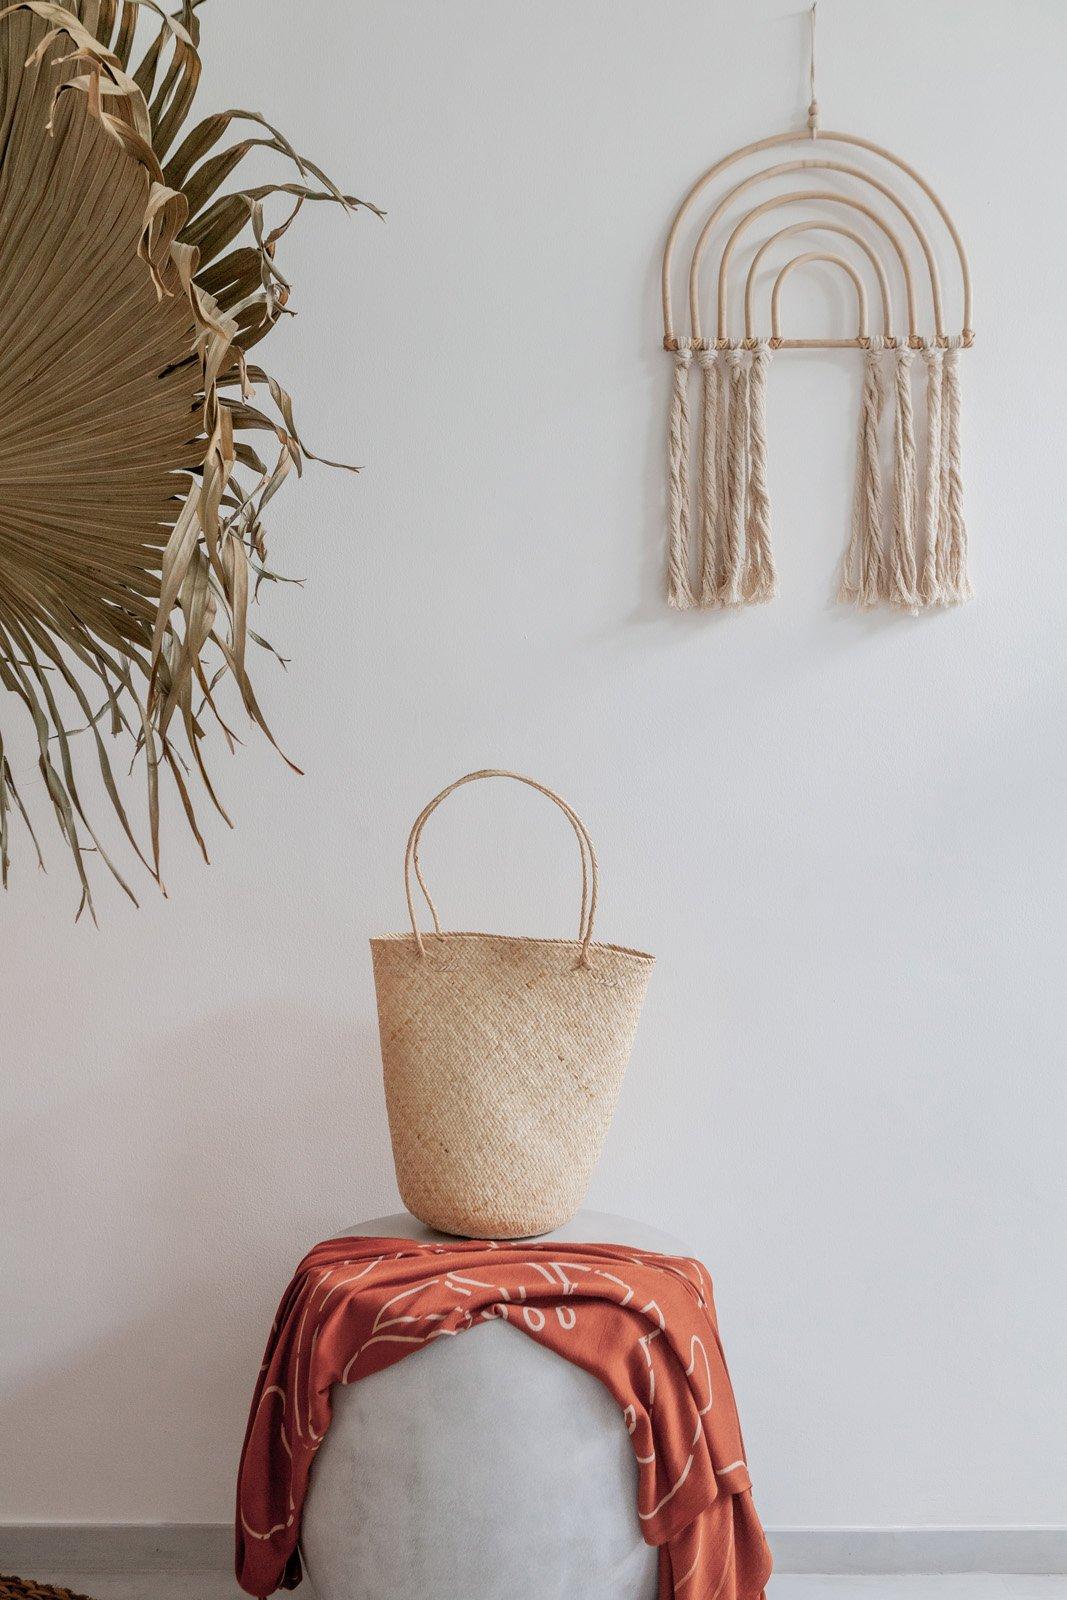 Bali Interiors- Village Thrive- canggu- sarong- homewares